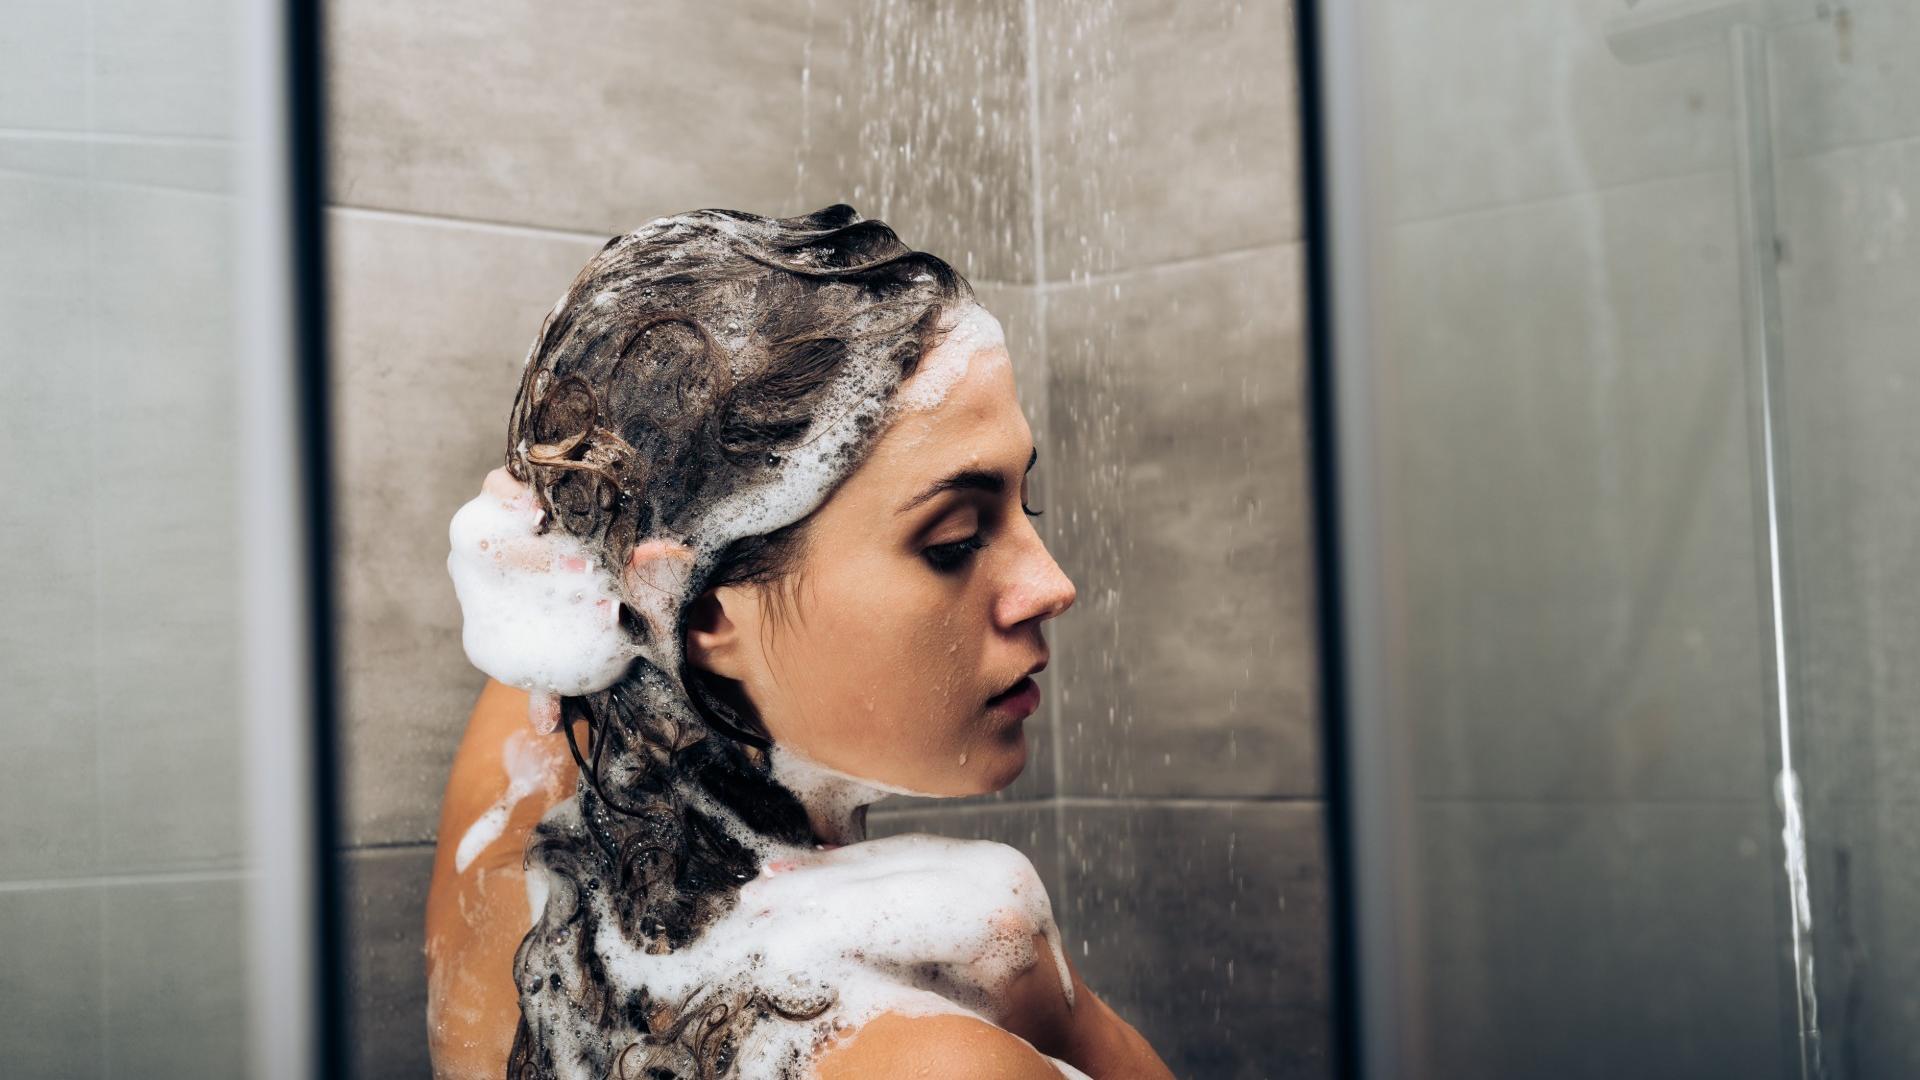 """Fest oder flüssig: Die Auswahl an Shampoos ist groß. """"Stiftung Warentest"""" hat 18 Produkte jetzt getestet."""